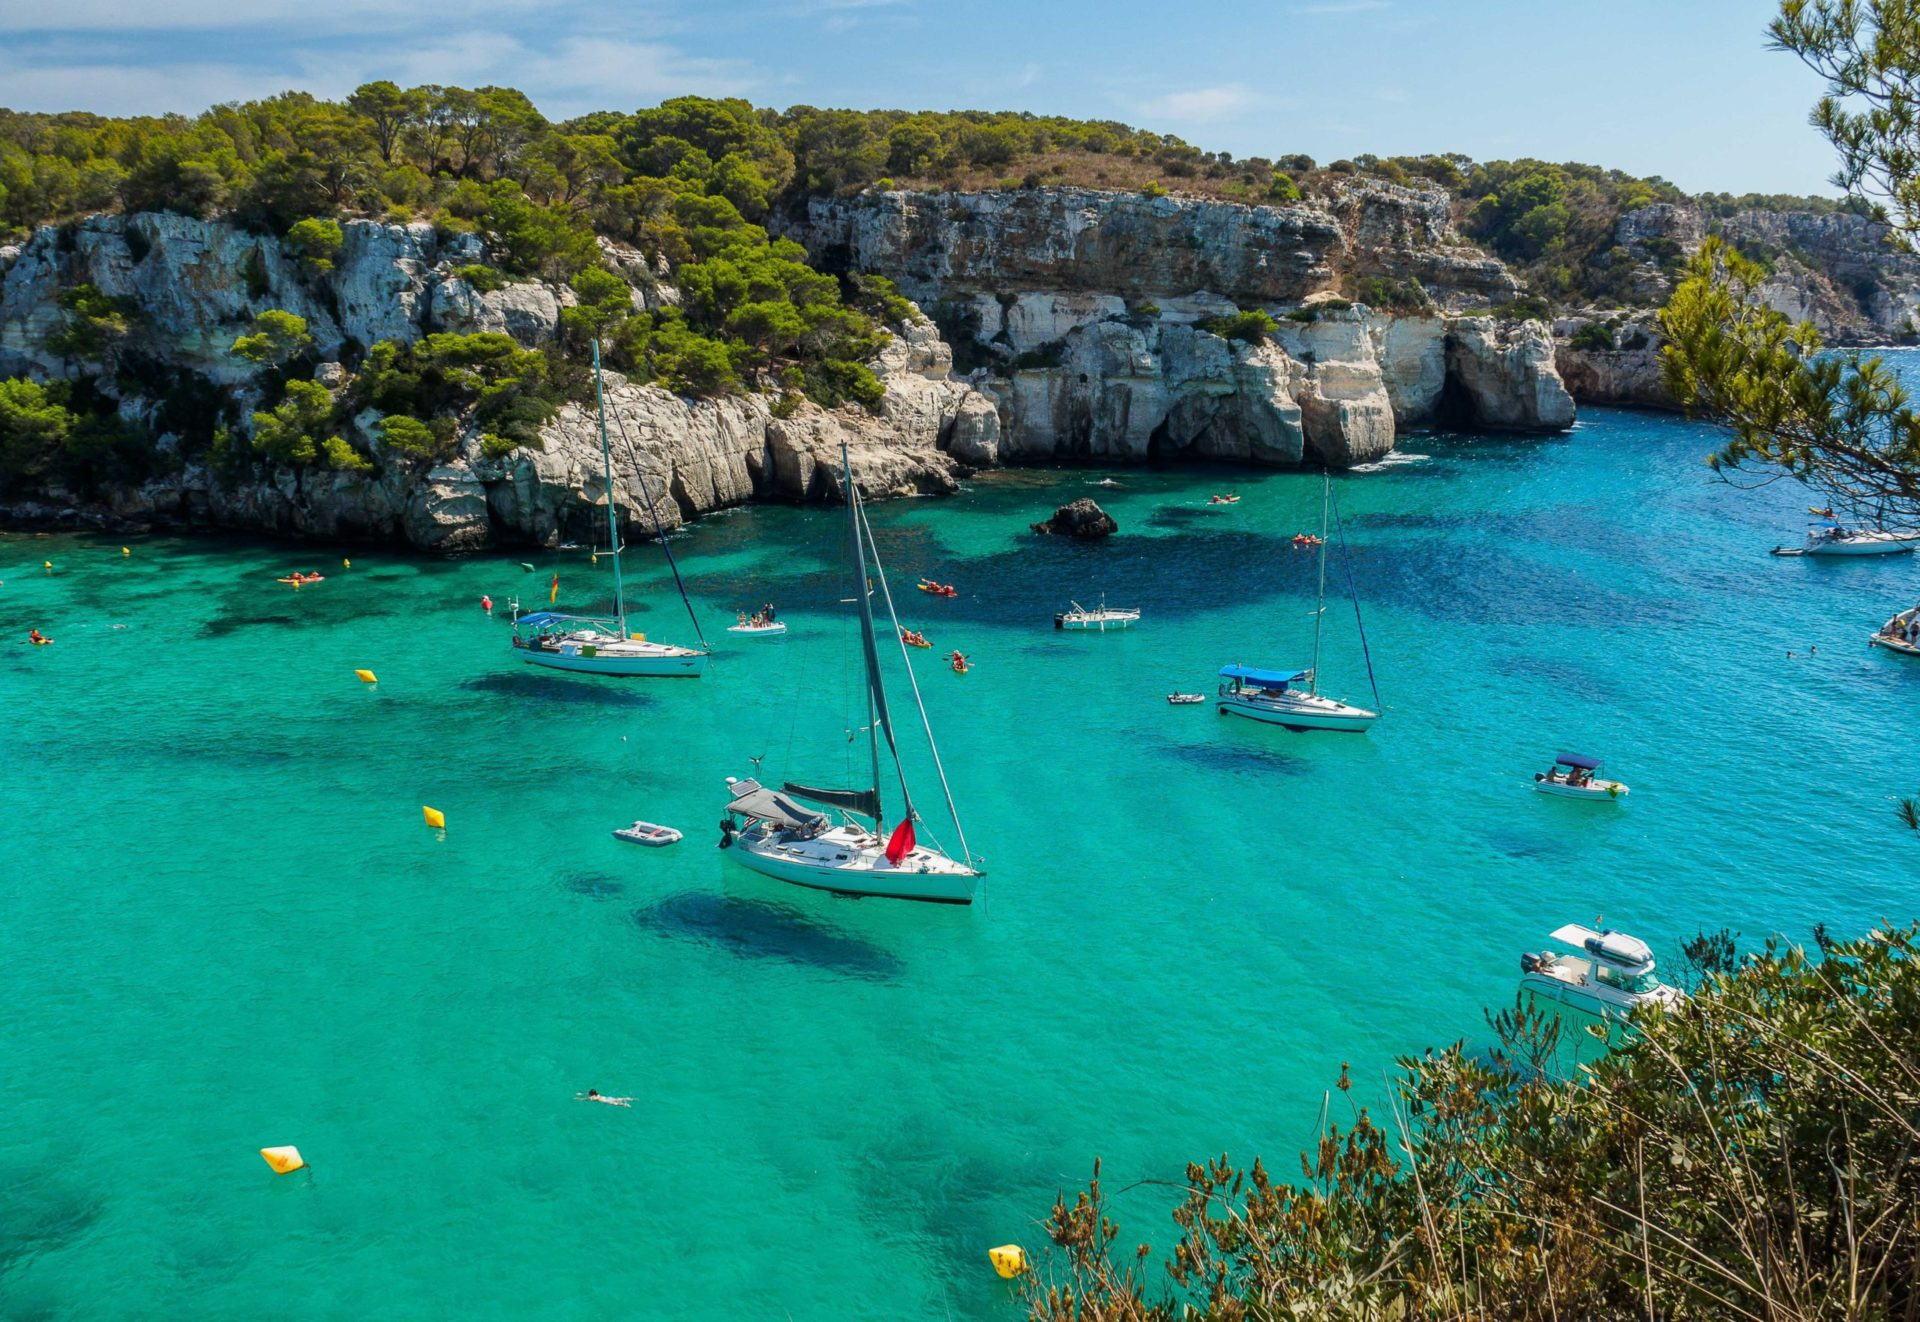 Wassertemperatur Menorca: Traumhaft türkisfarbene Bucht Cala Macarella